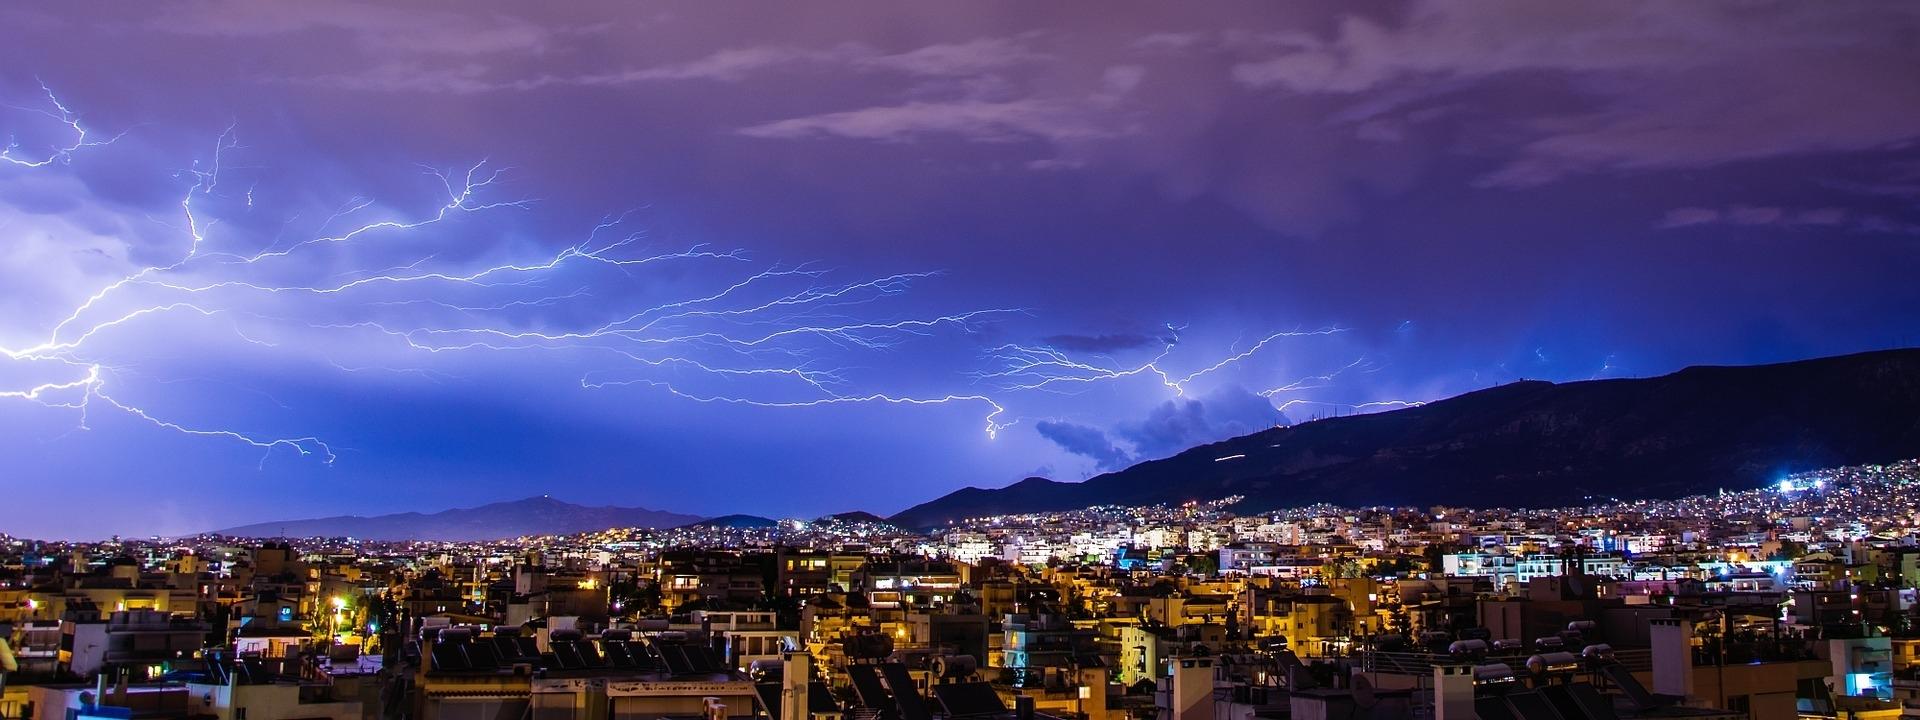 Im Zuge von Sommergewittern kommt es häufig zu Blitzschäden